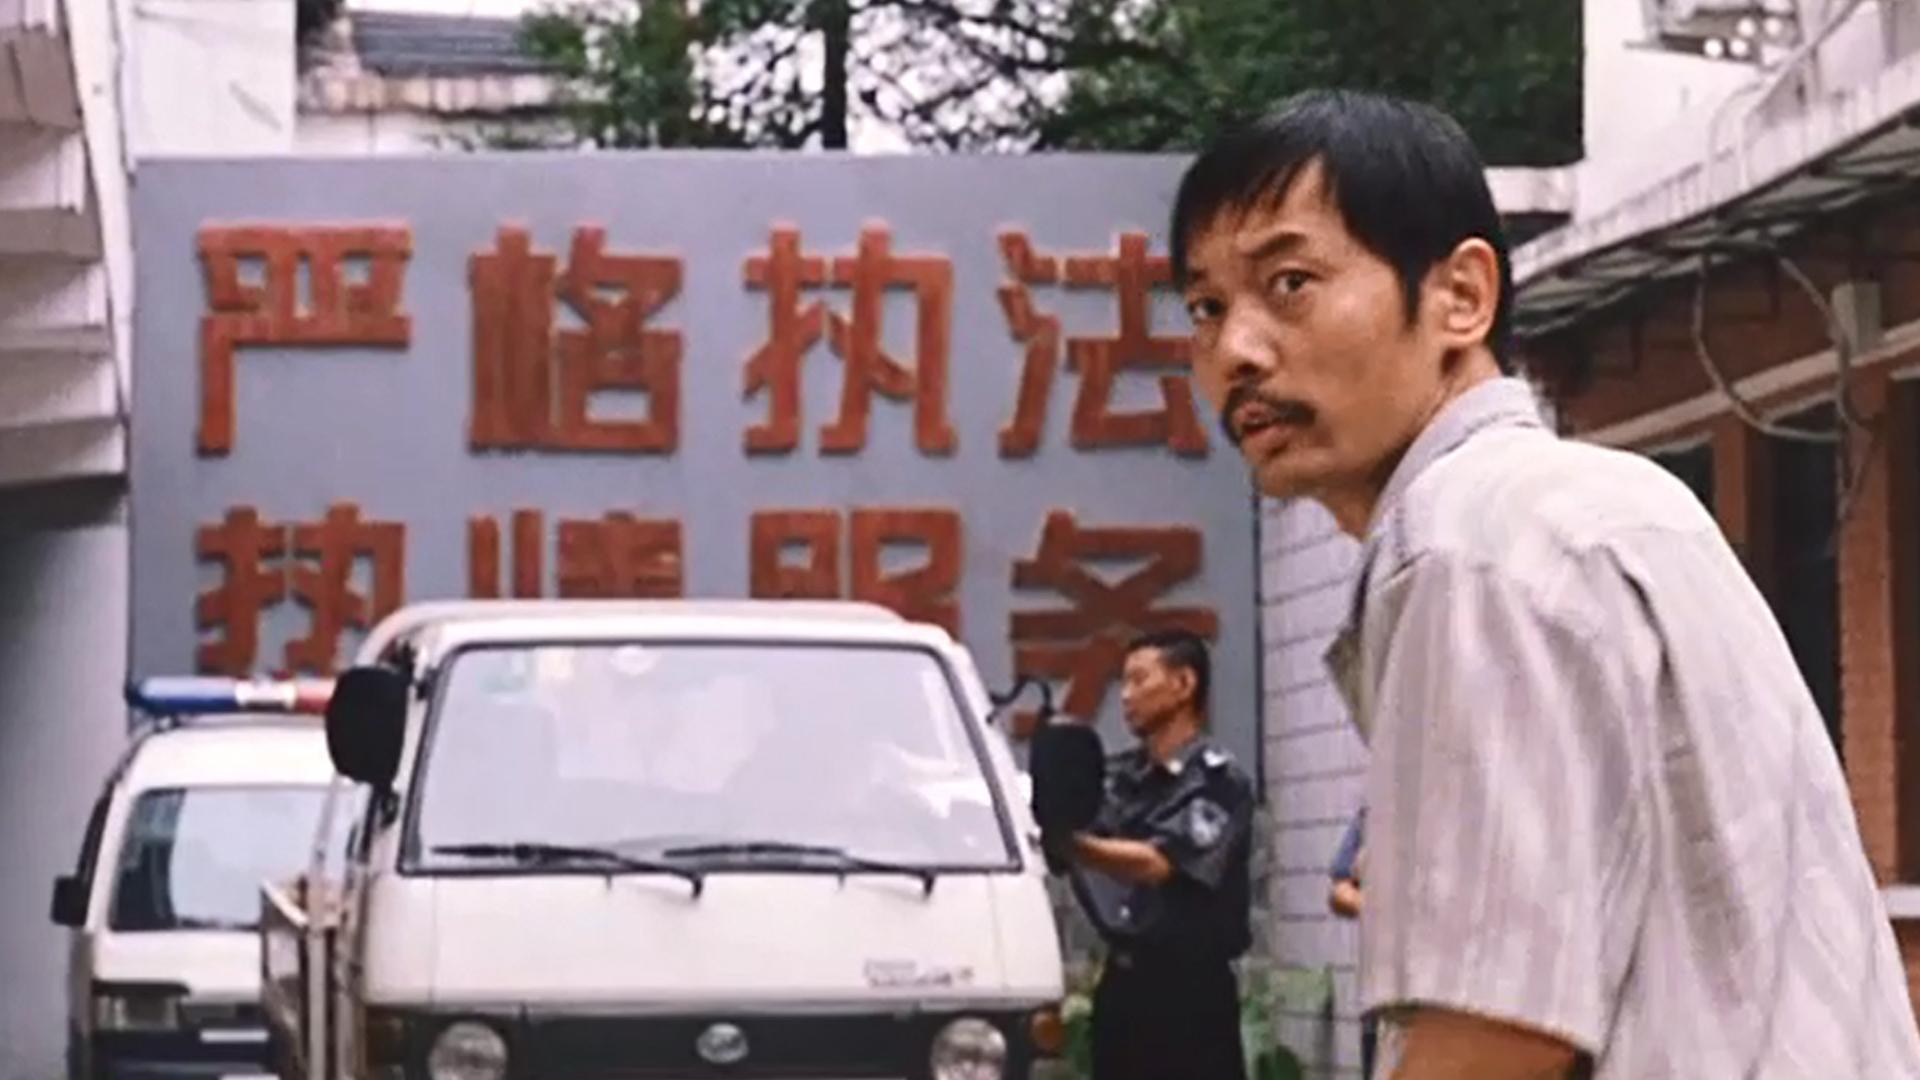 18年前上映,有人说这片在抹黑中国,不!它只是拍出了最真实的生活!《卡拉是条狗》